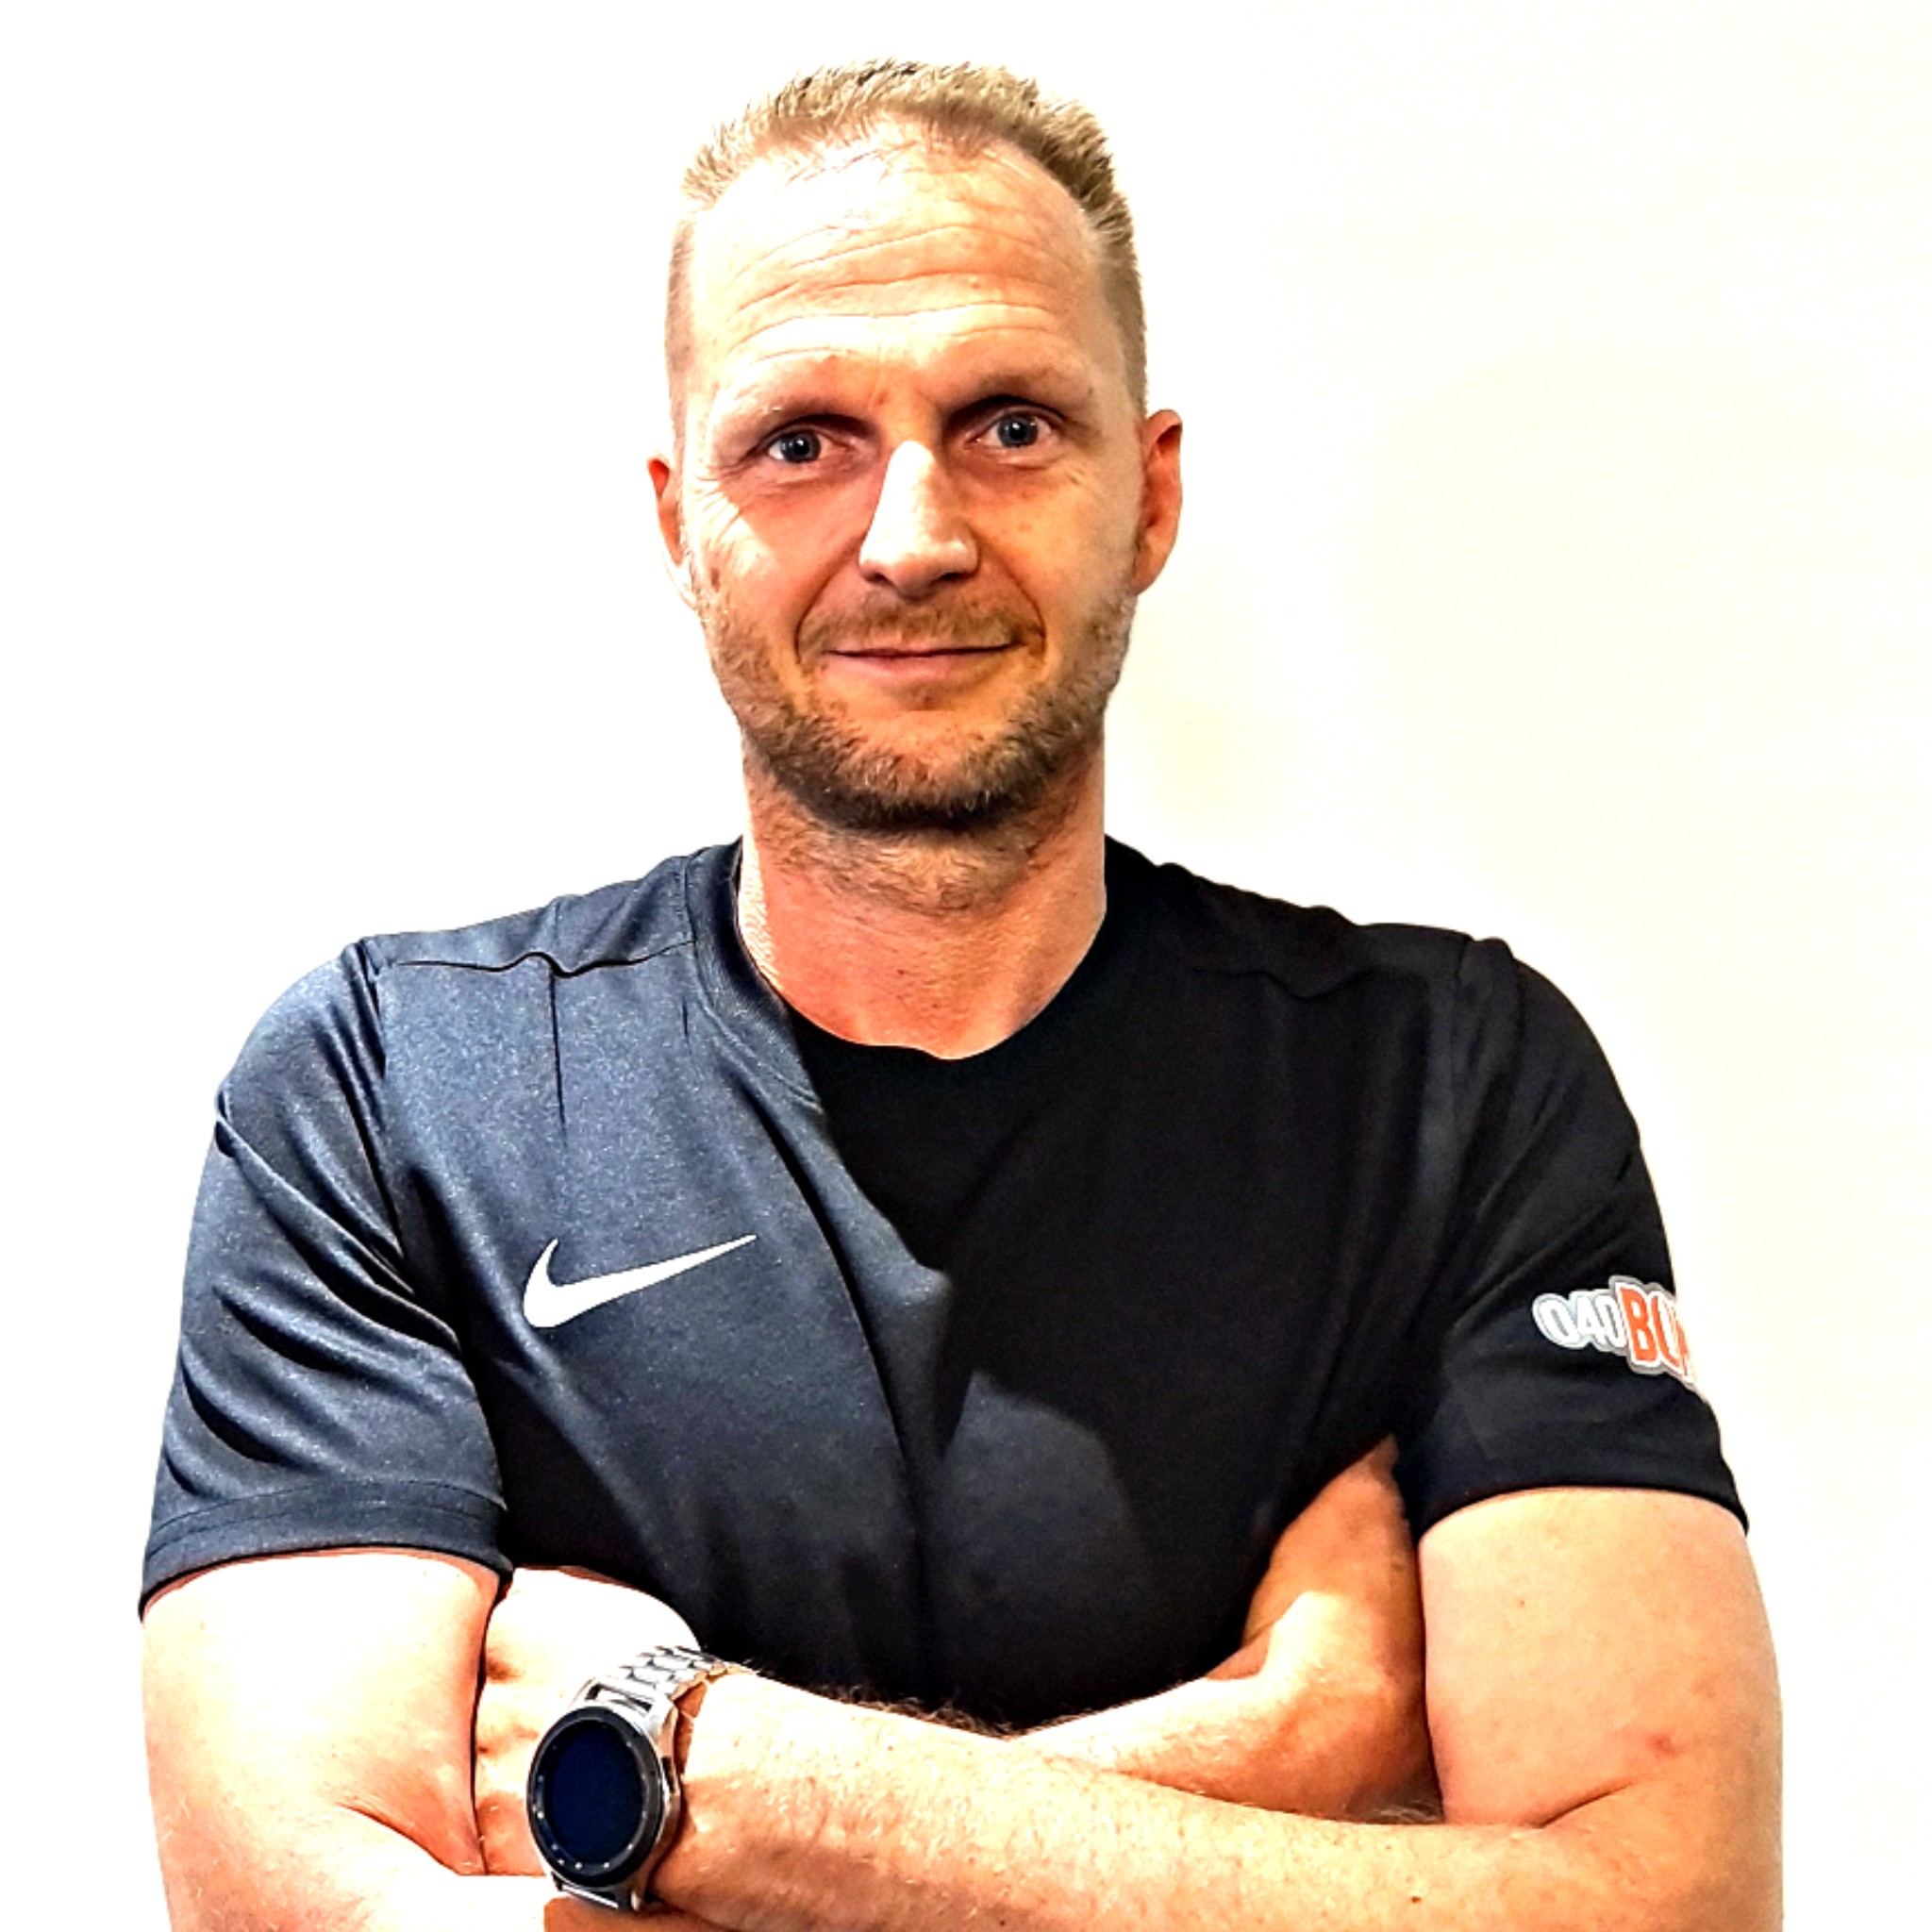 Roger van den Berg